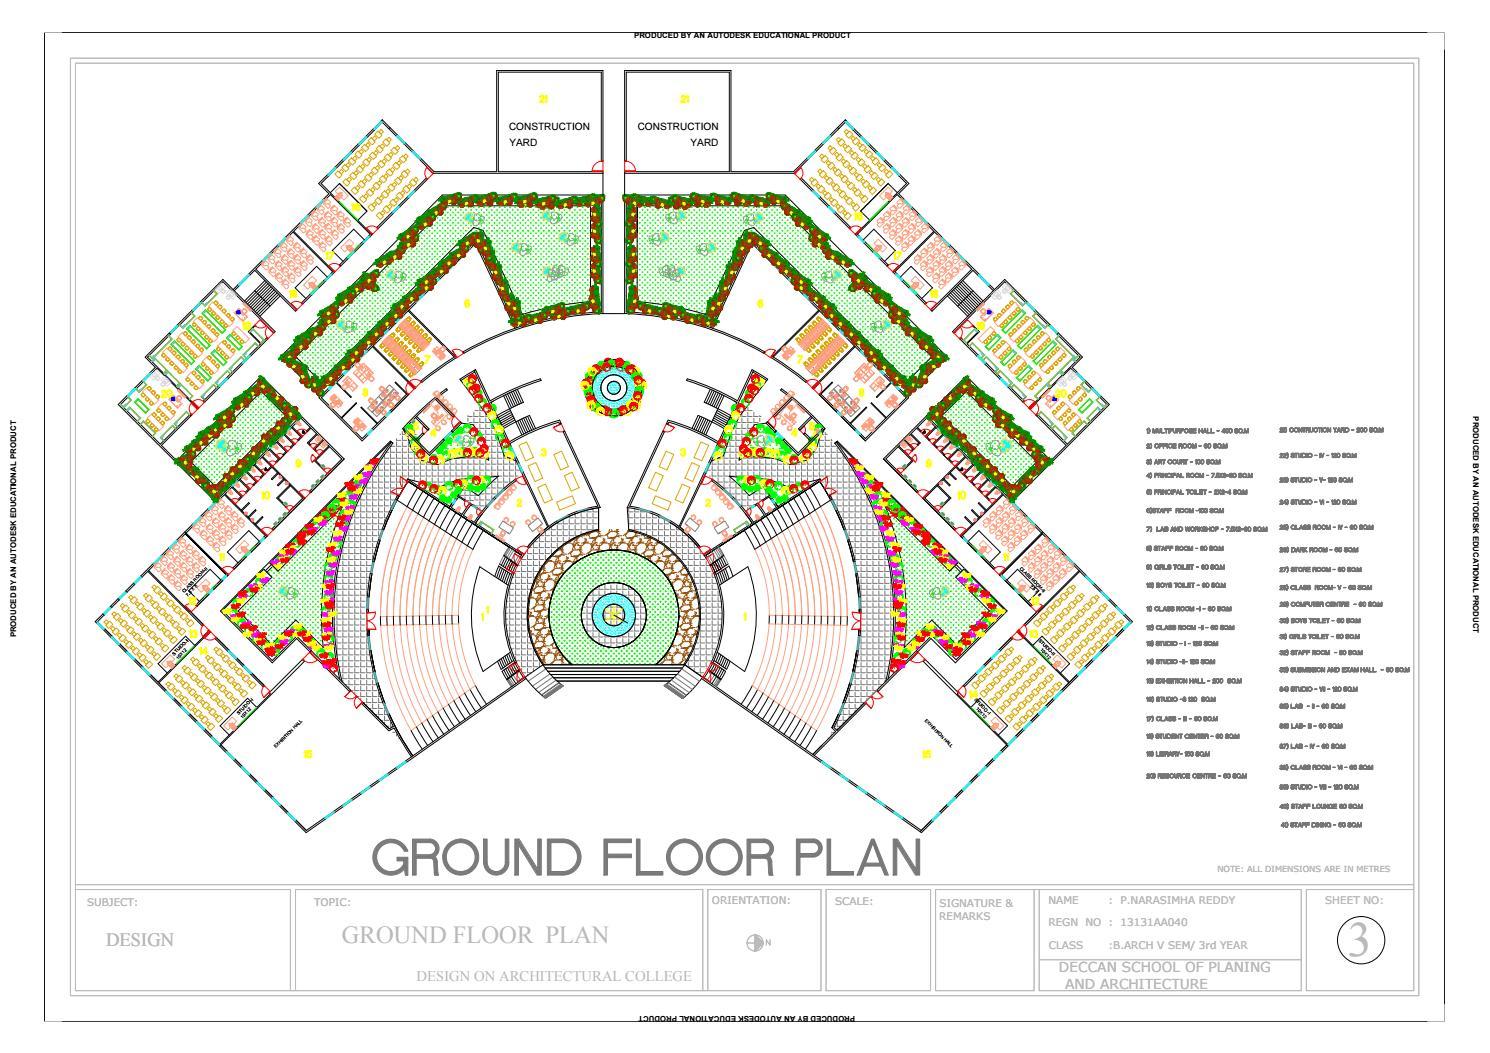 architecture college plan floor ground print